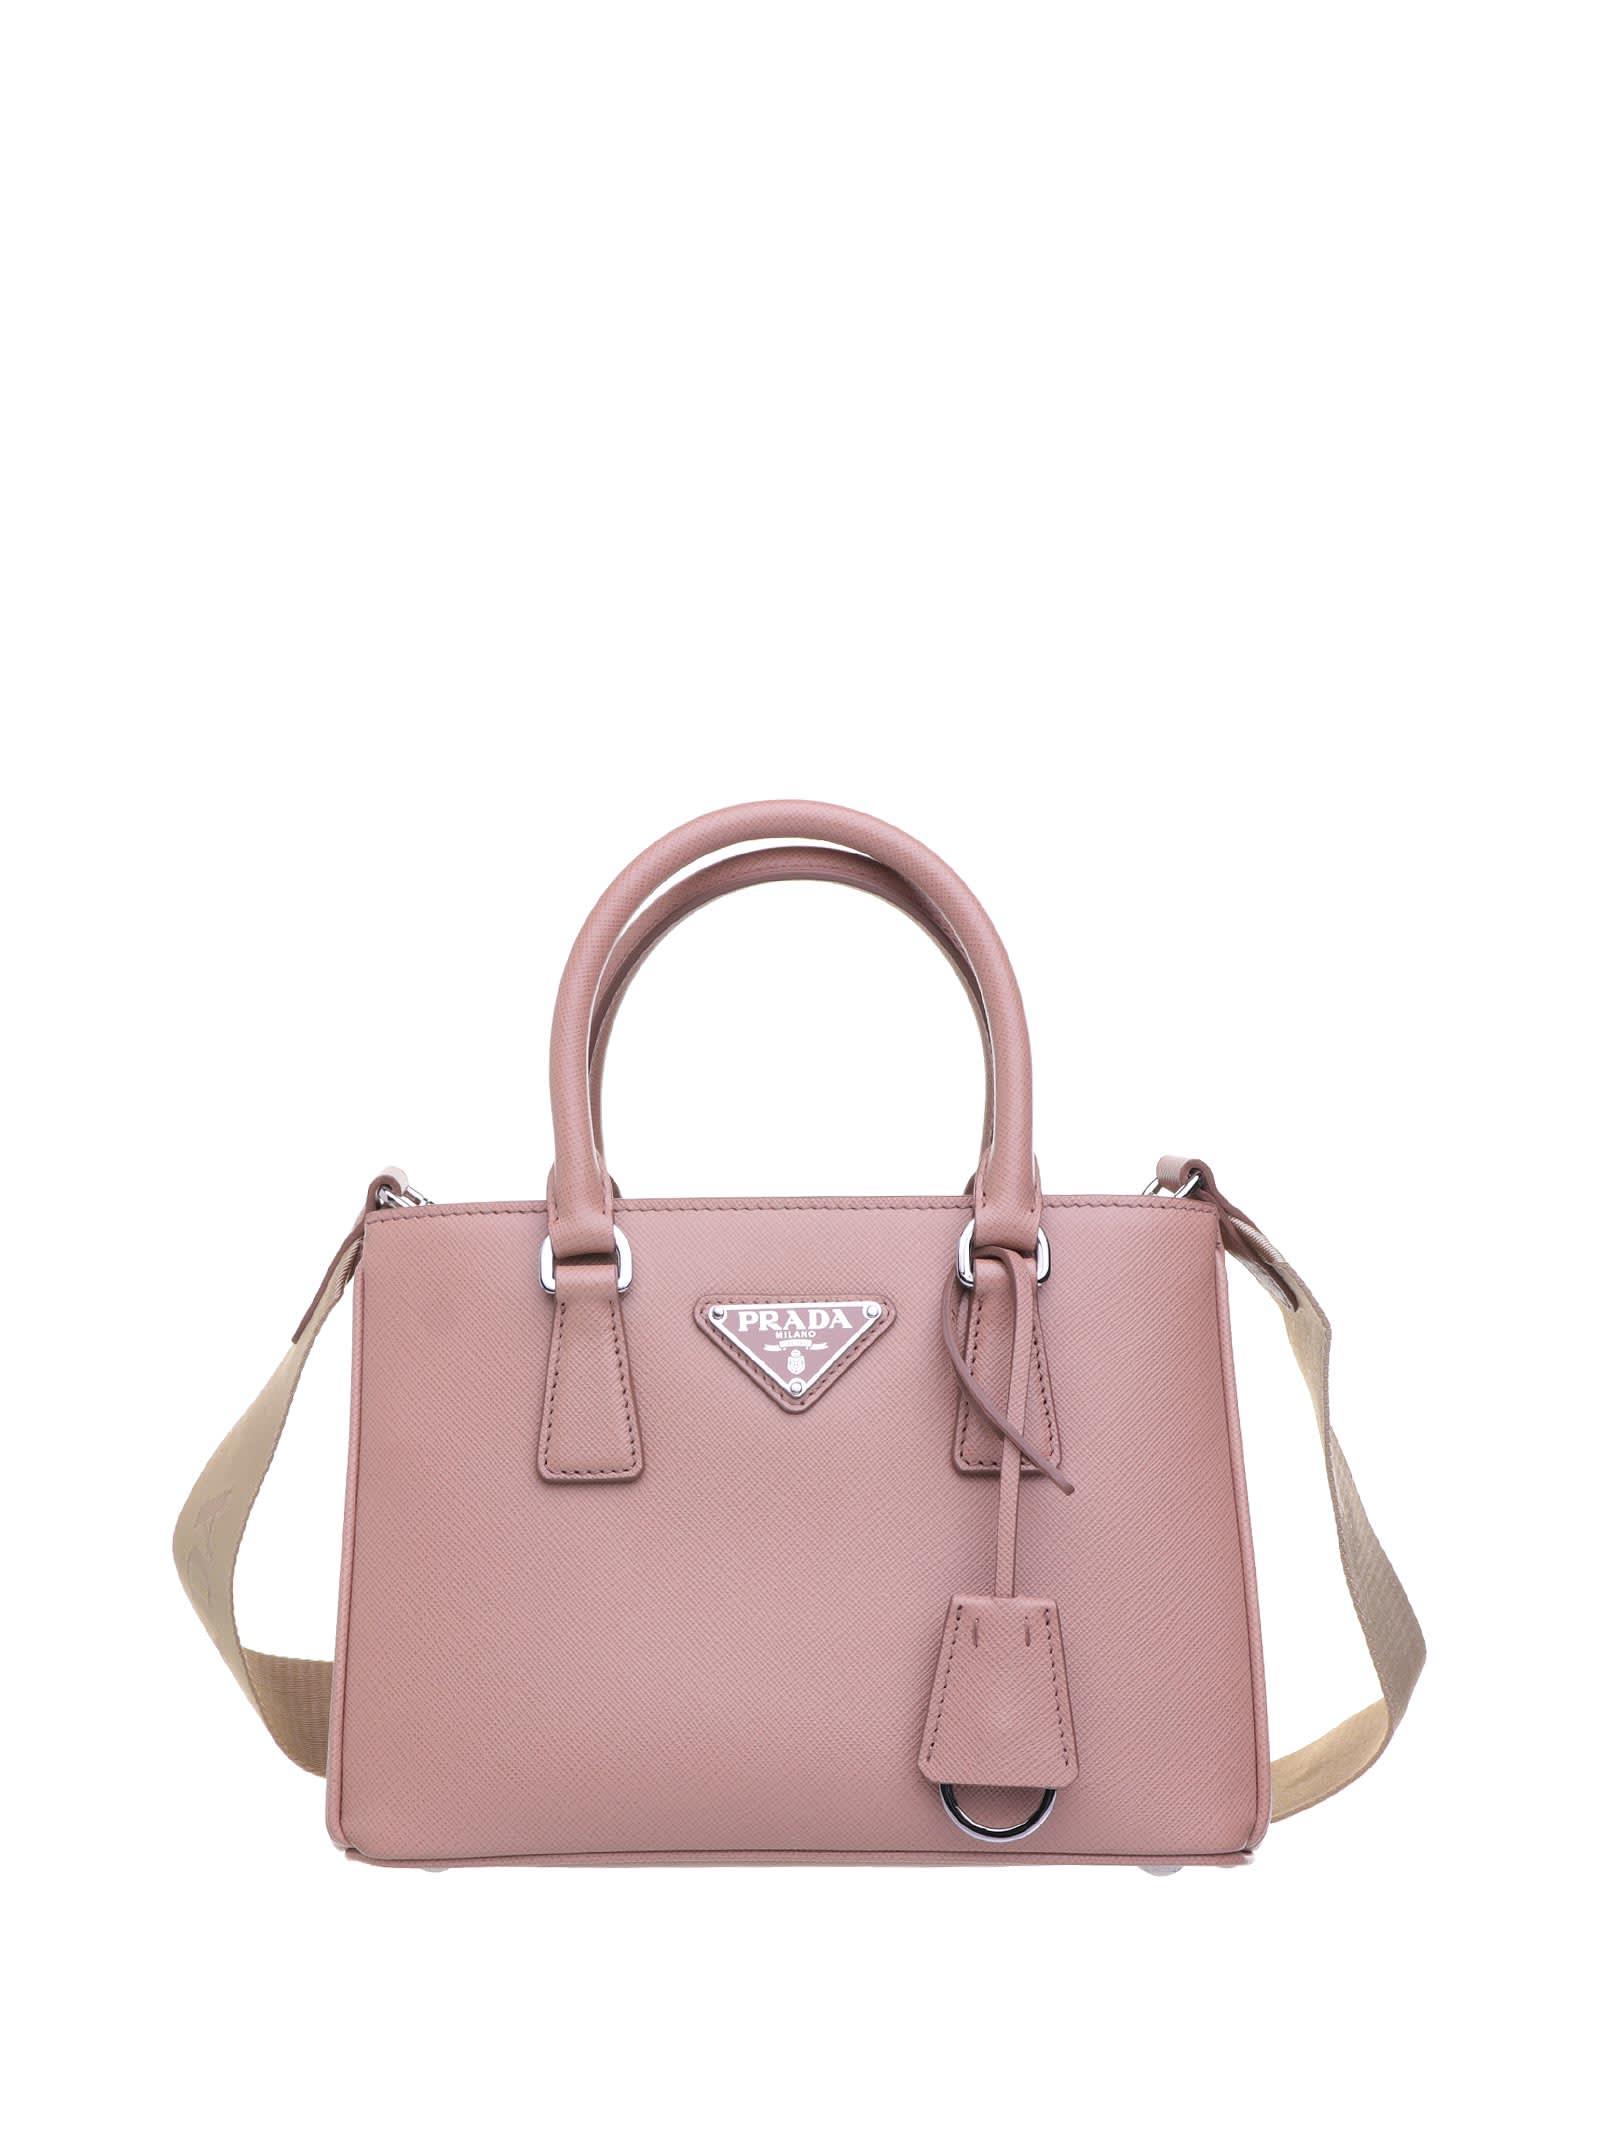 Prada Prada Galleria Handbag